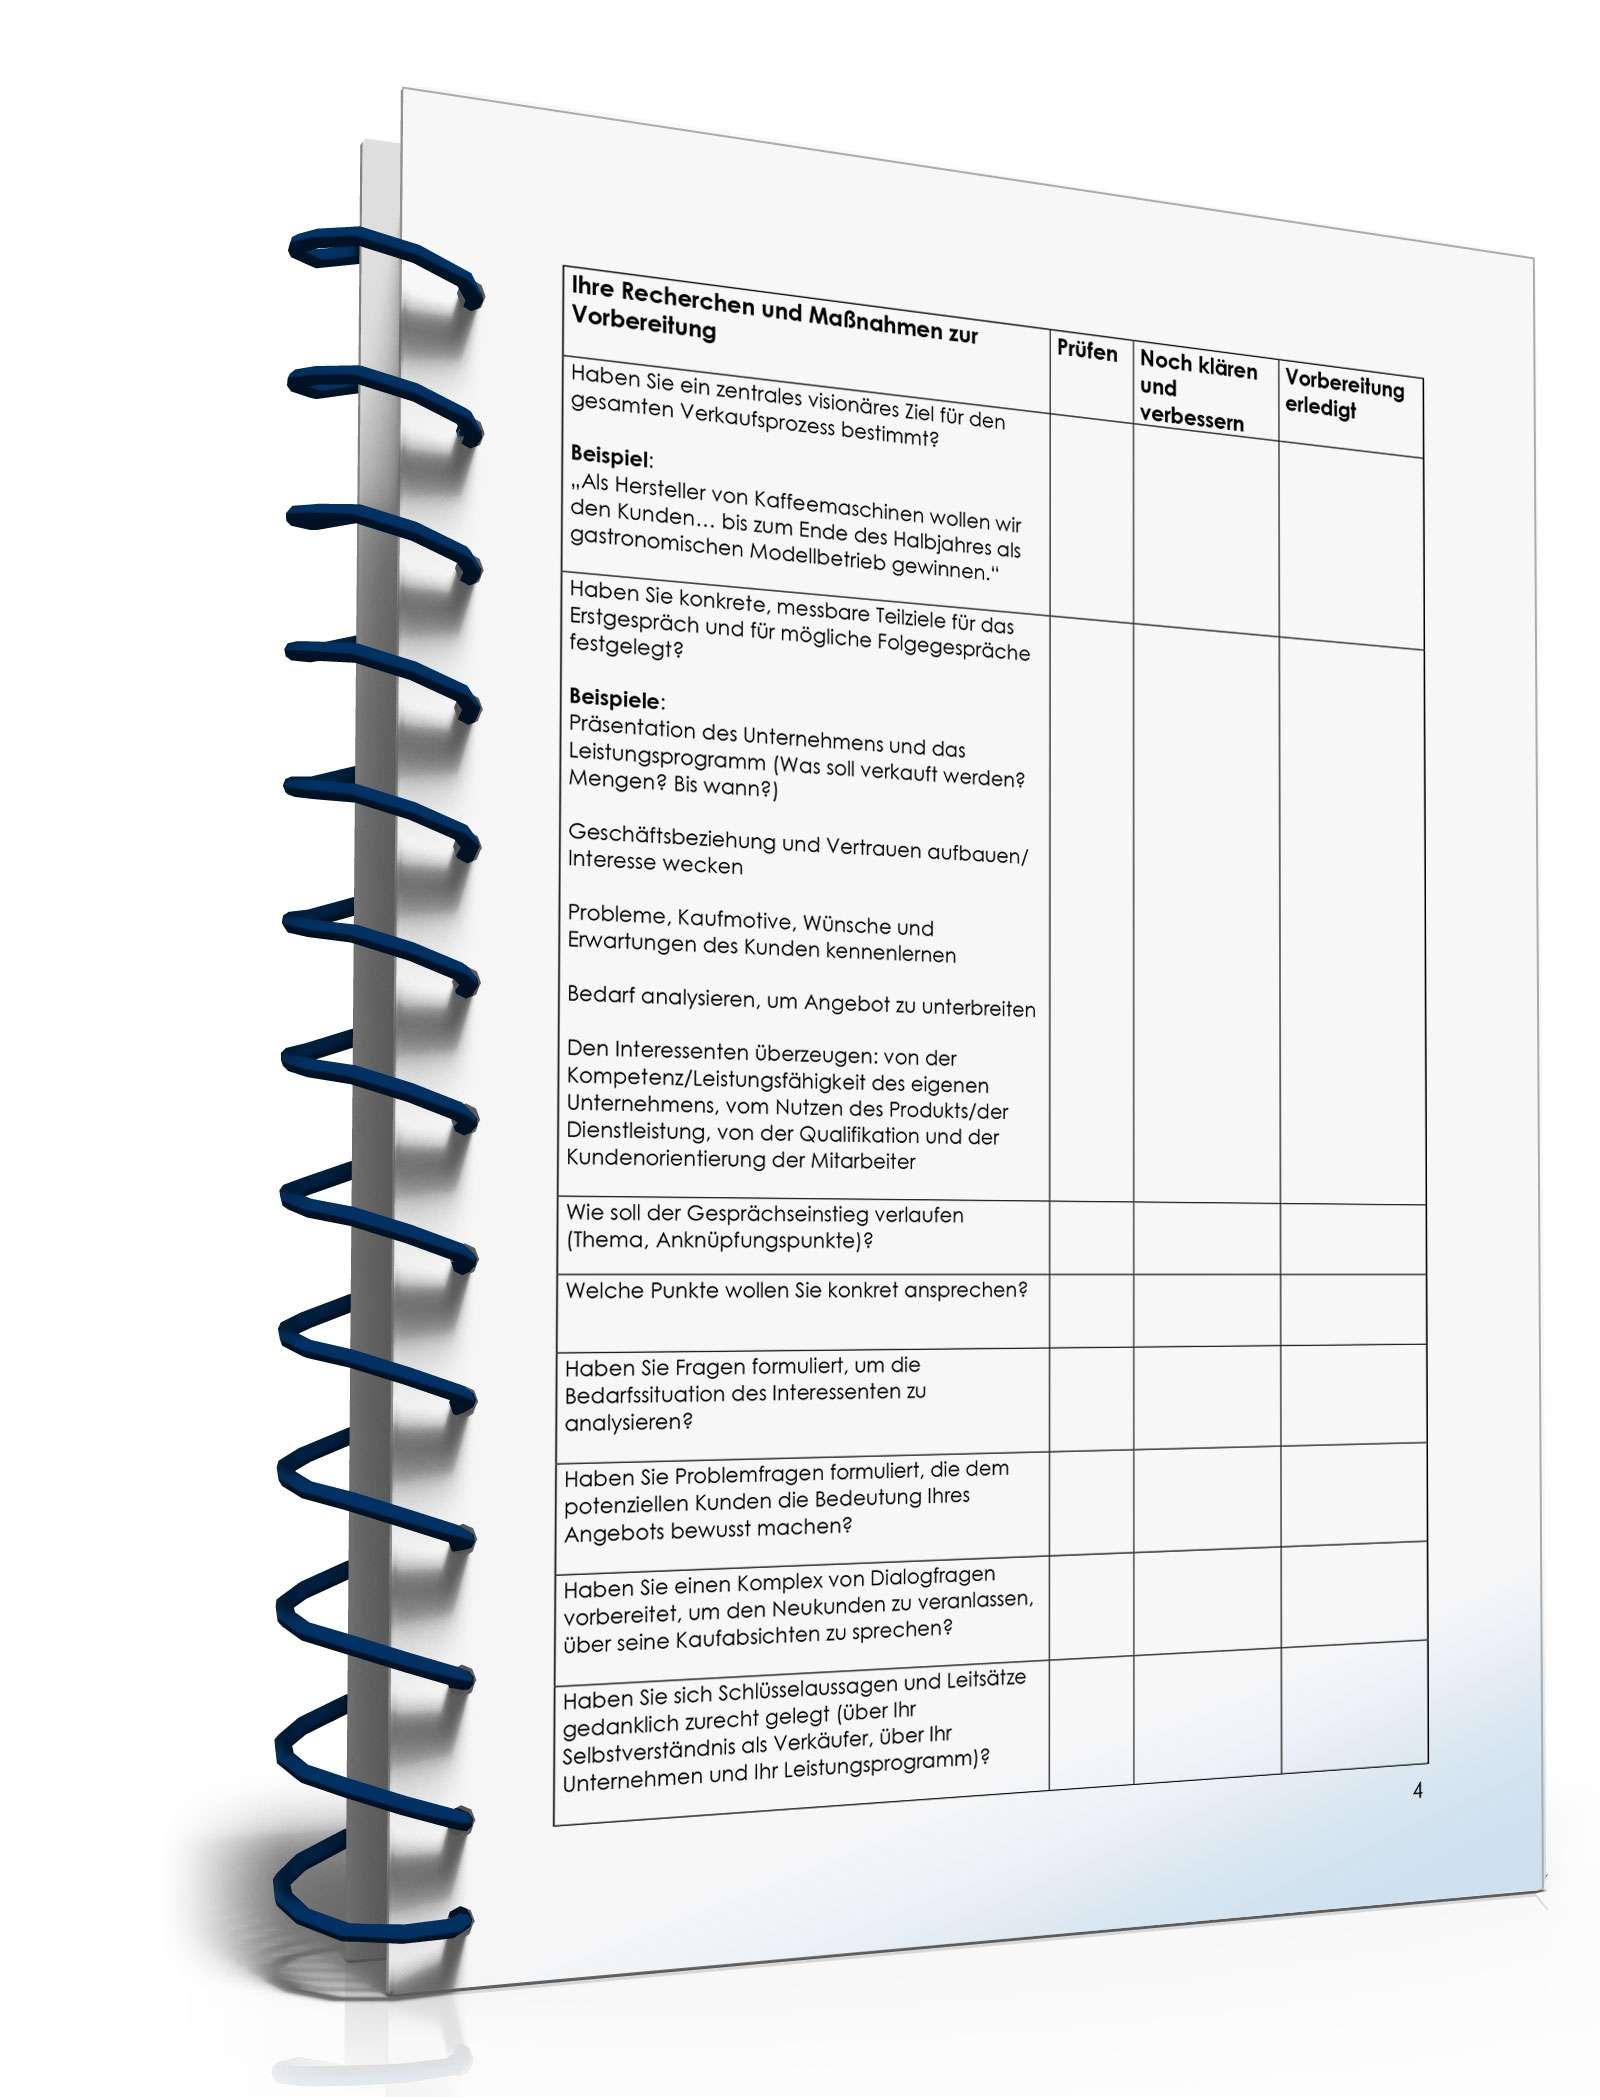 Checkliste Erstgespräch Mit Geschäftskunden Kurzratgeber Zum Download